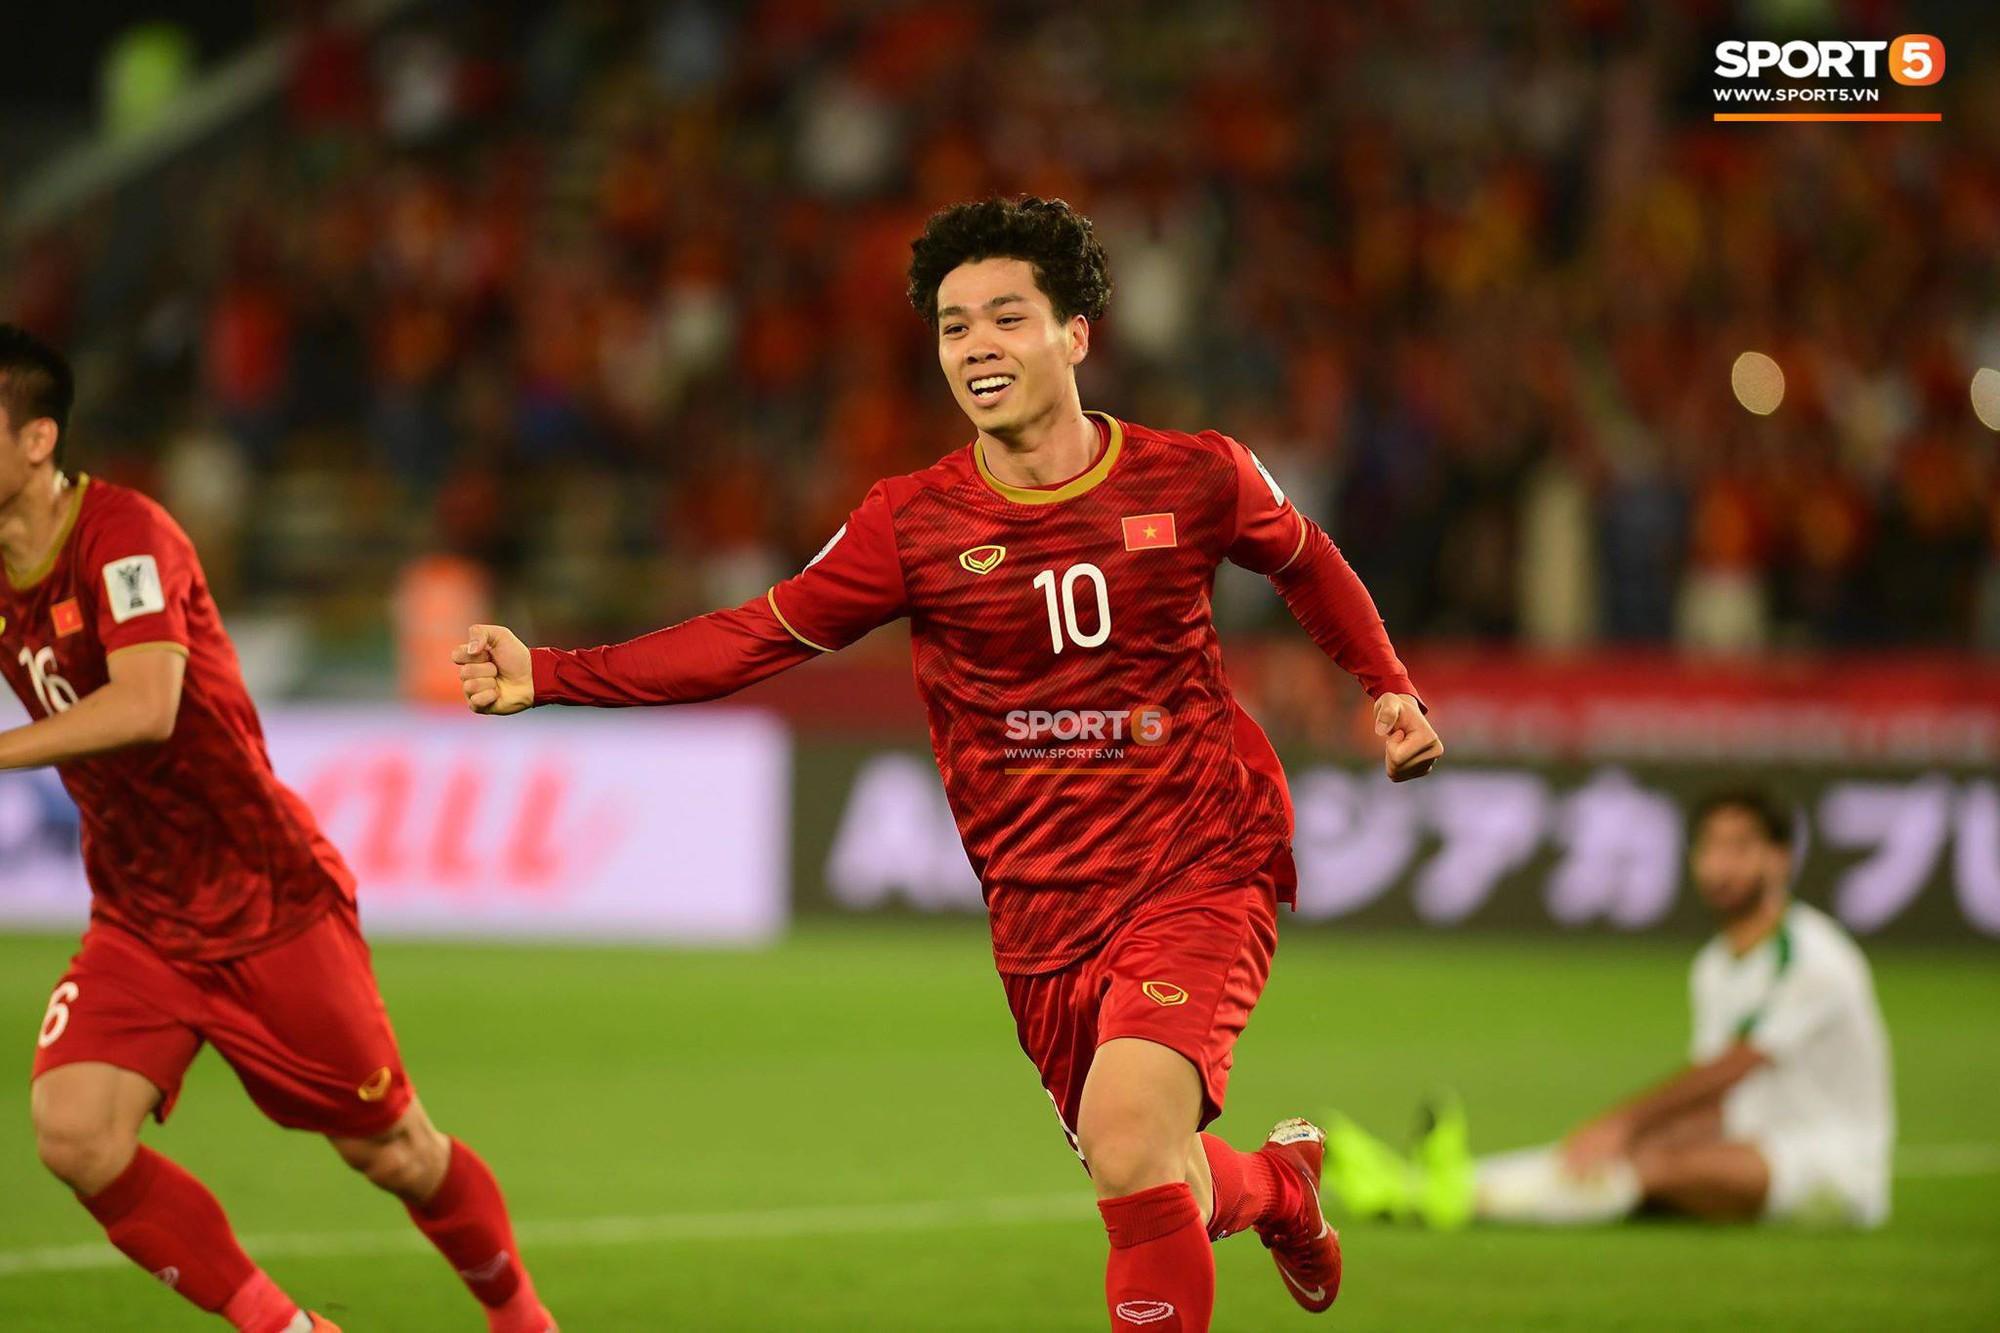 Báo châu Á chấm điểm Iraq 3-2 Việt Nam: Văn Lâm nhận điểm thấp nhất, Công Phượng sáng không ai bằng-11